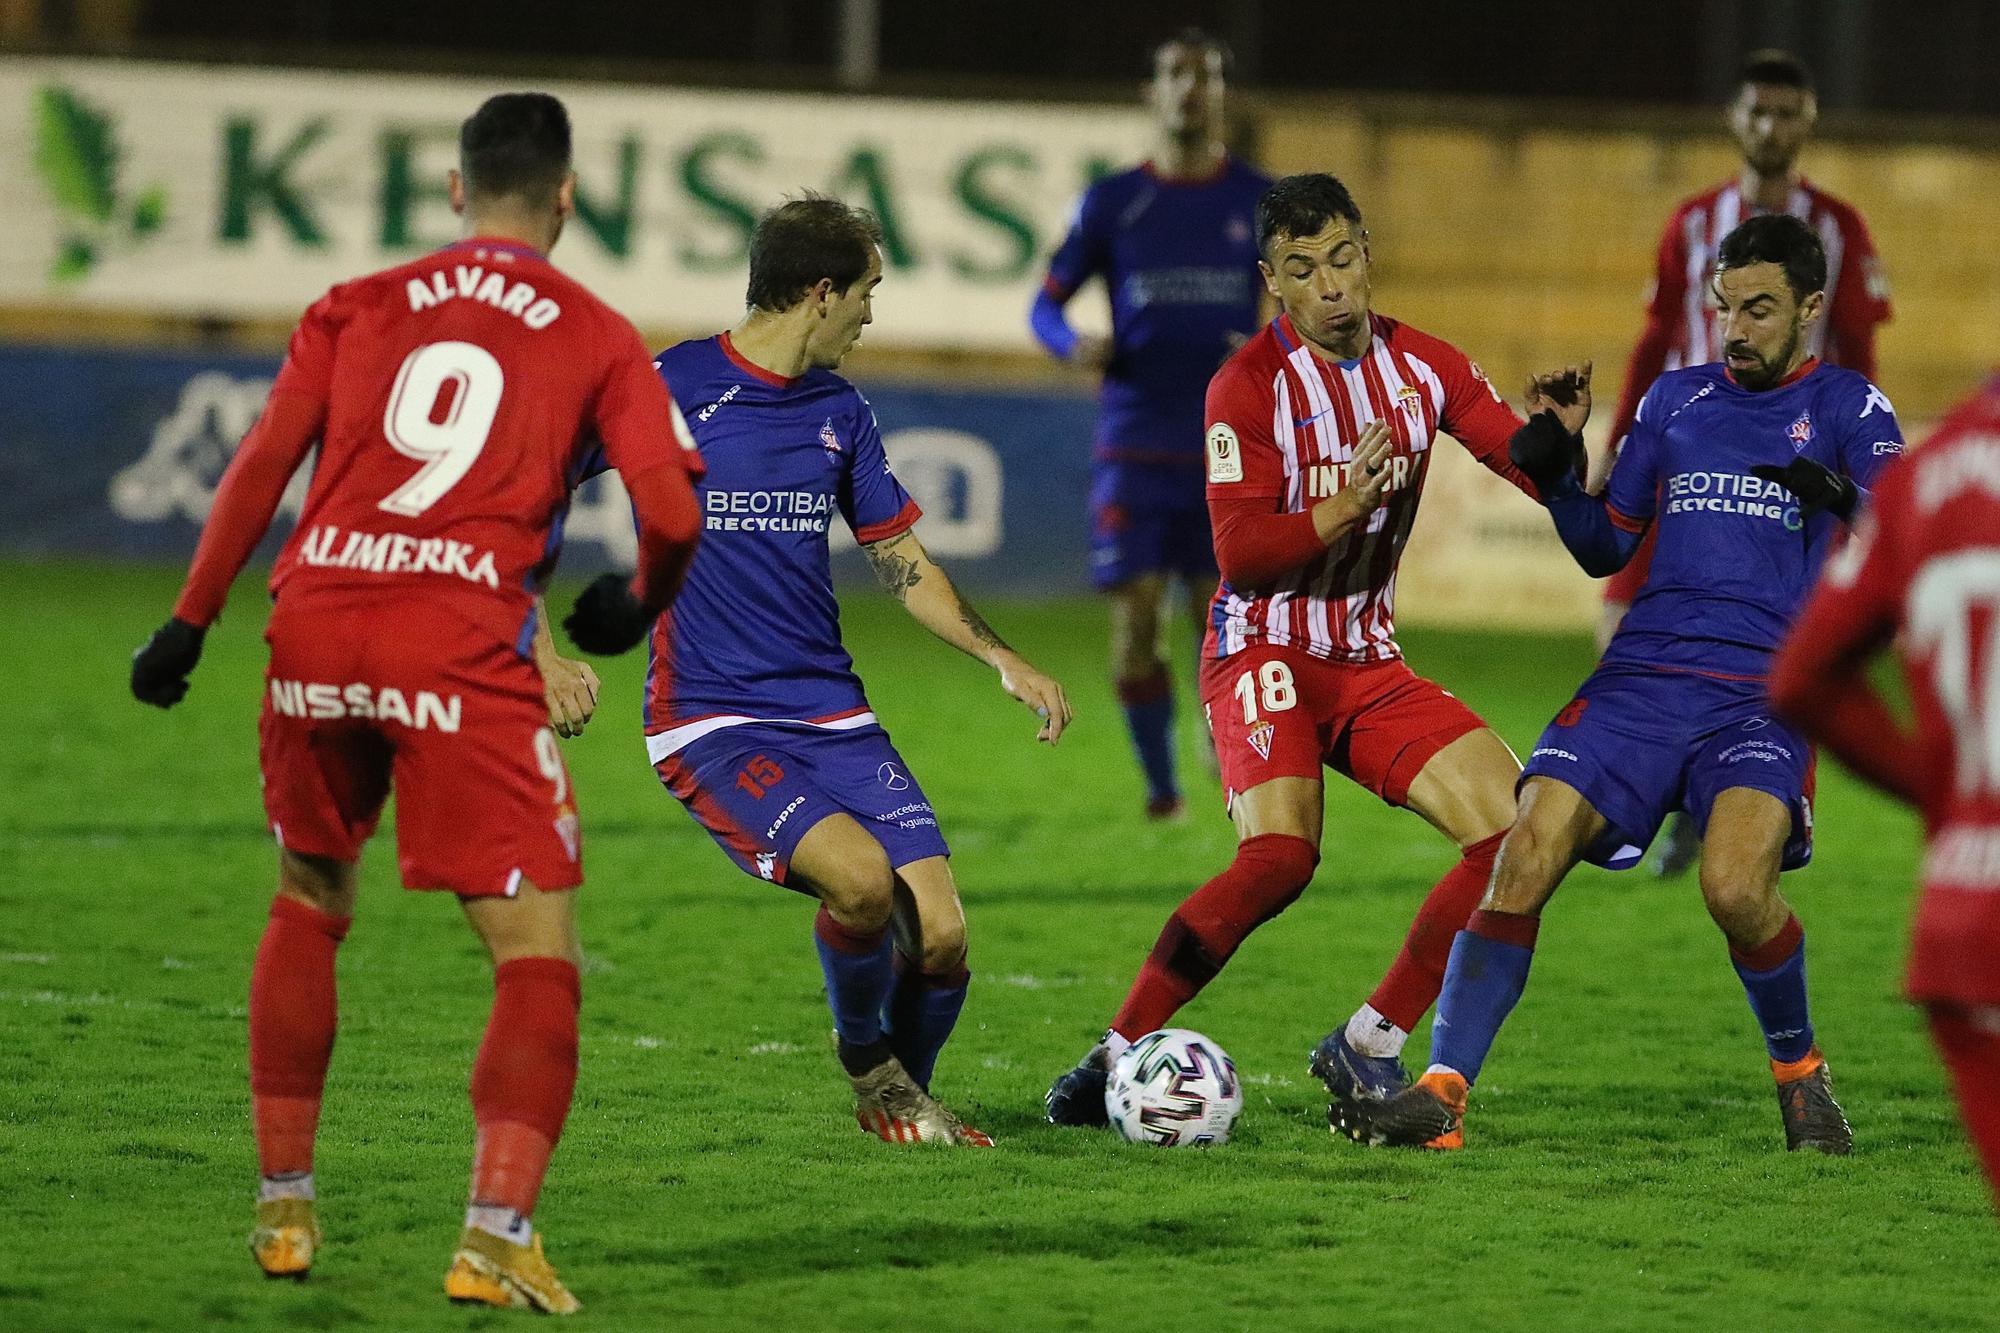 El partido de Copa del Sporting, en imágenes